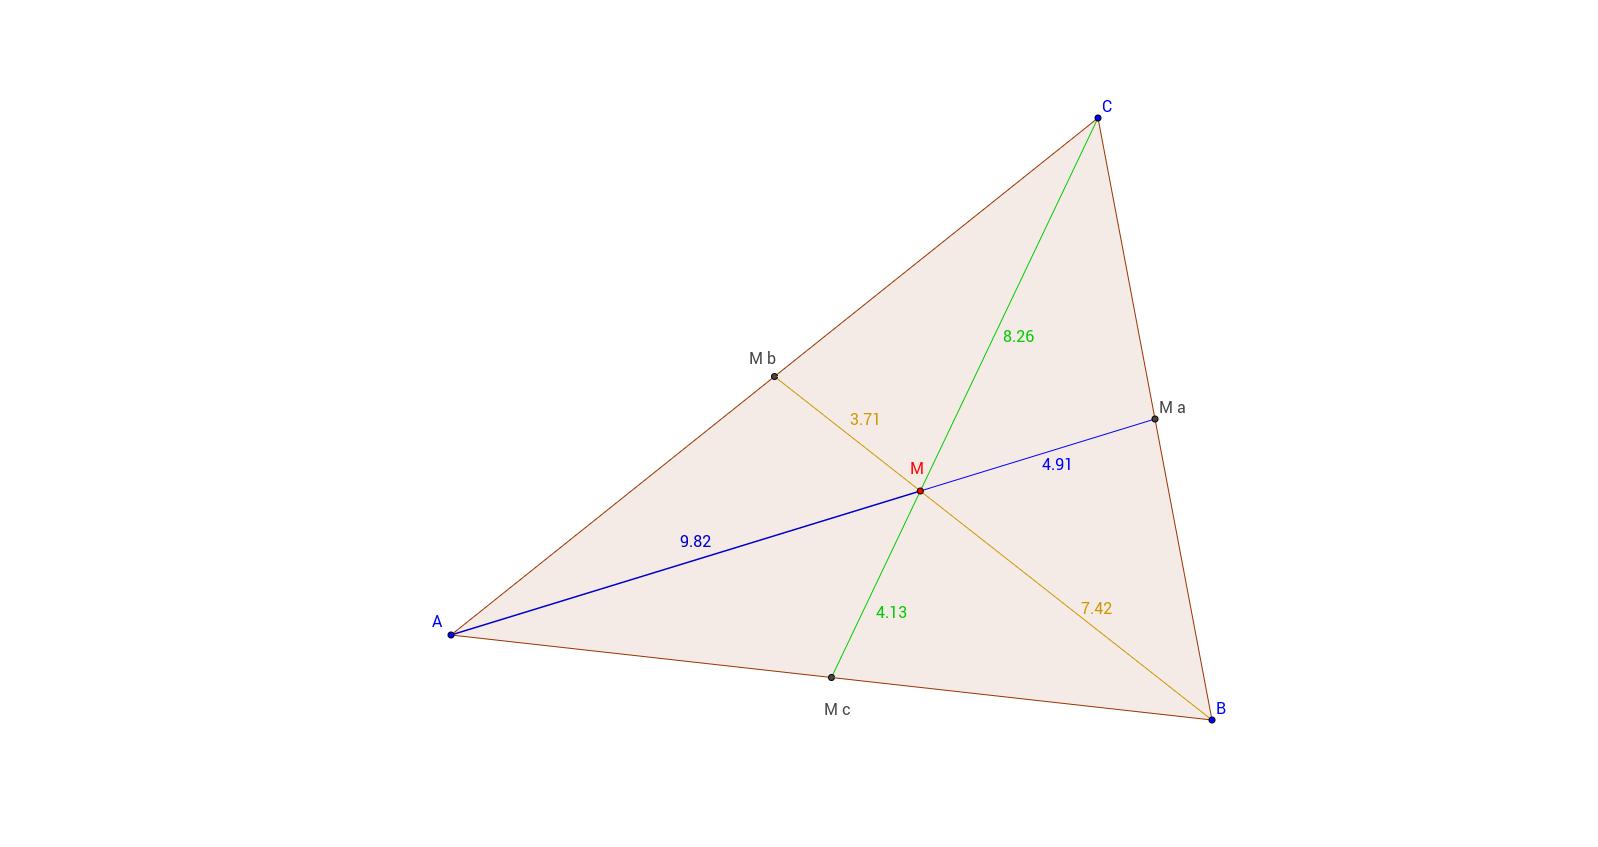 GDRS - Mittelsenkrechten im Dreieck 2